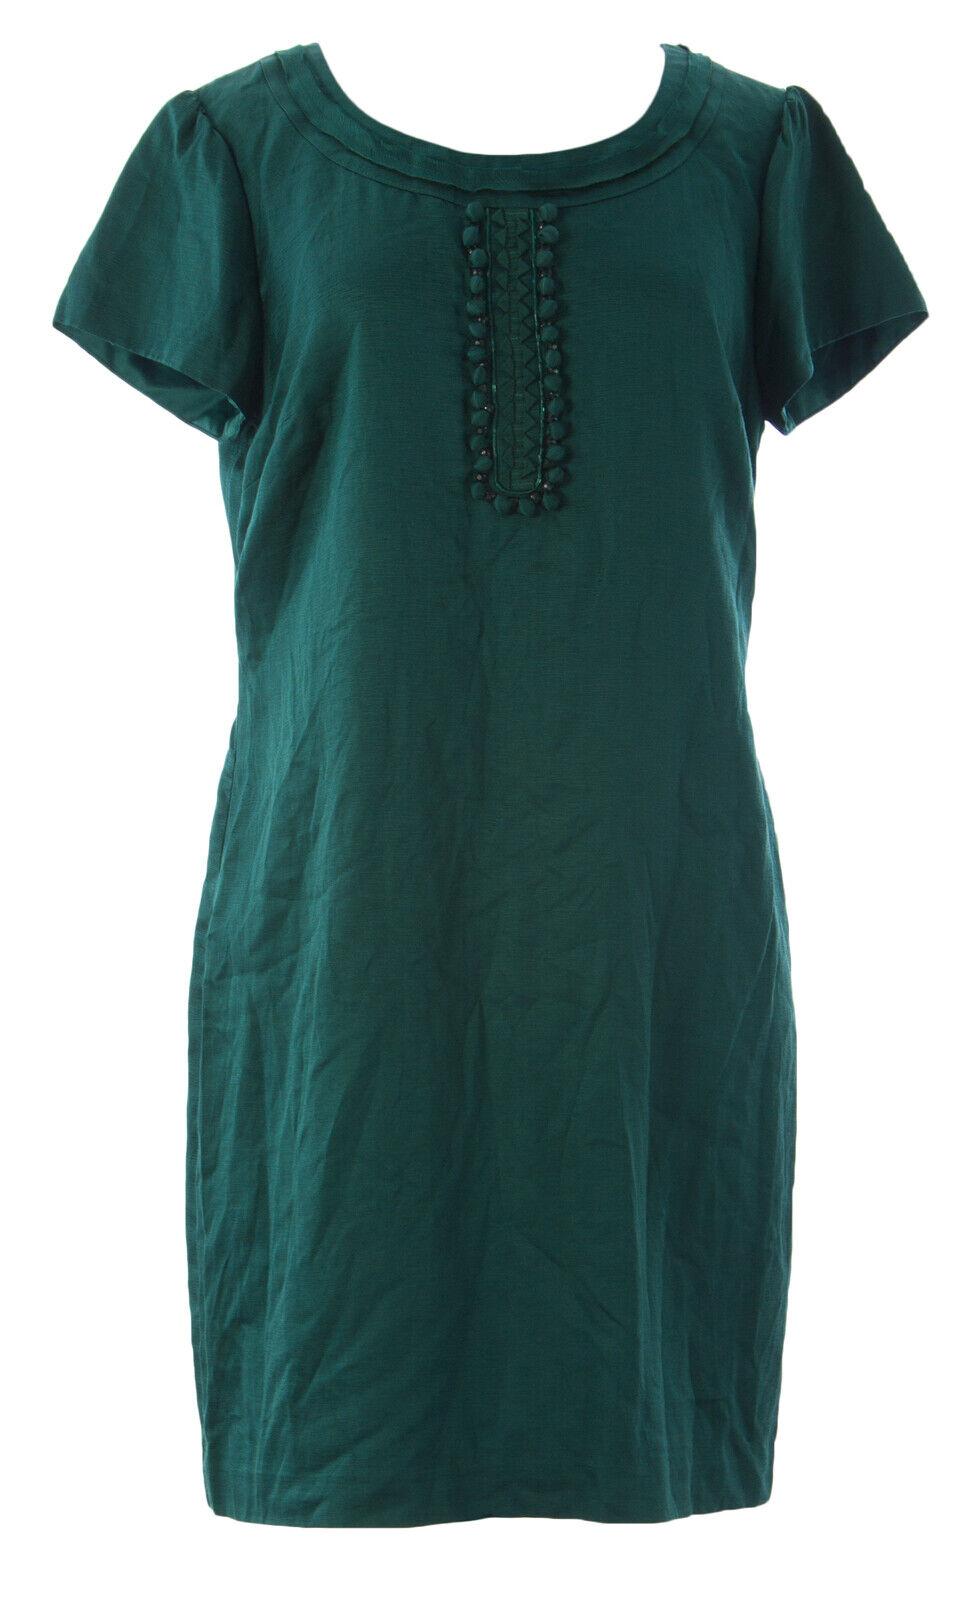 Femme BODEN Castleton vert Ava Shift Robe WH409 SZ 10R  189 neuf sans Original balises